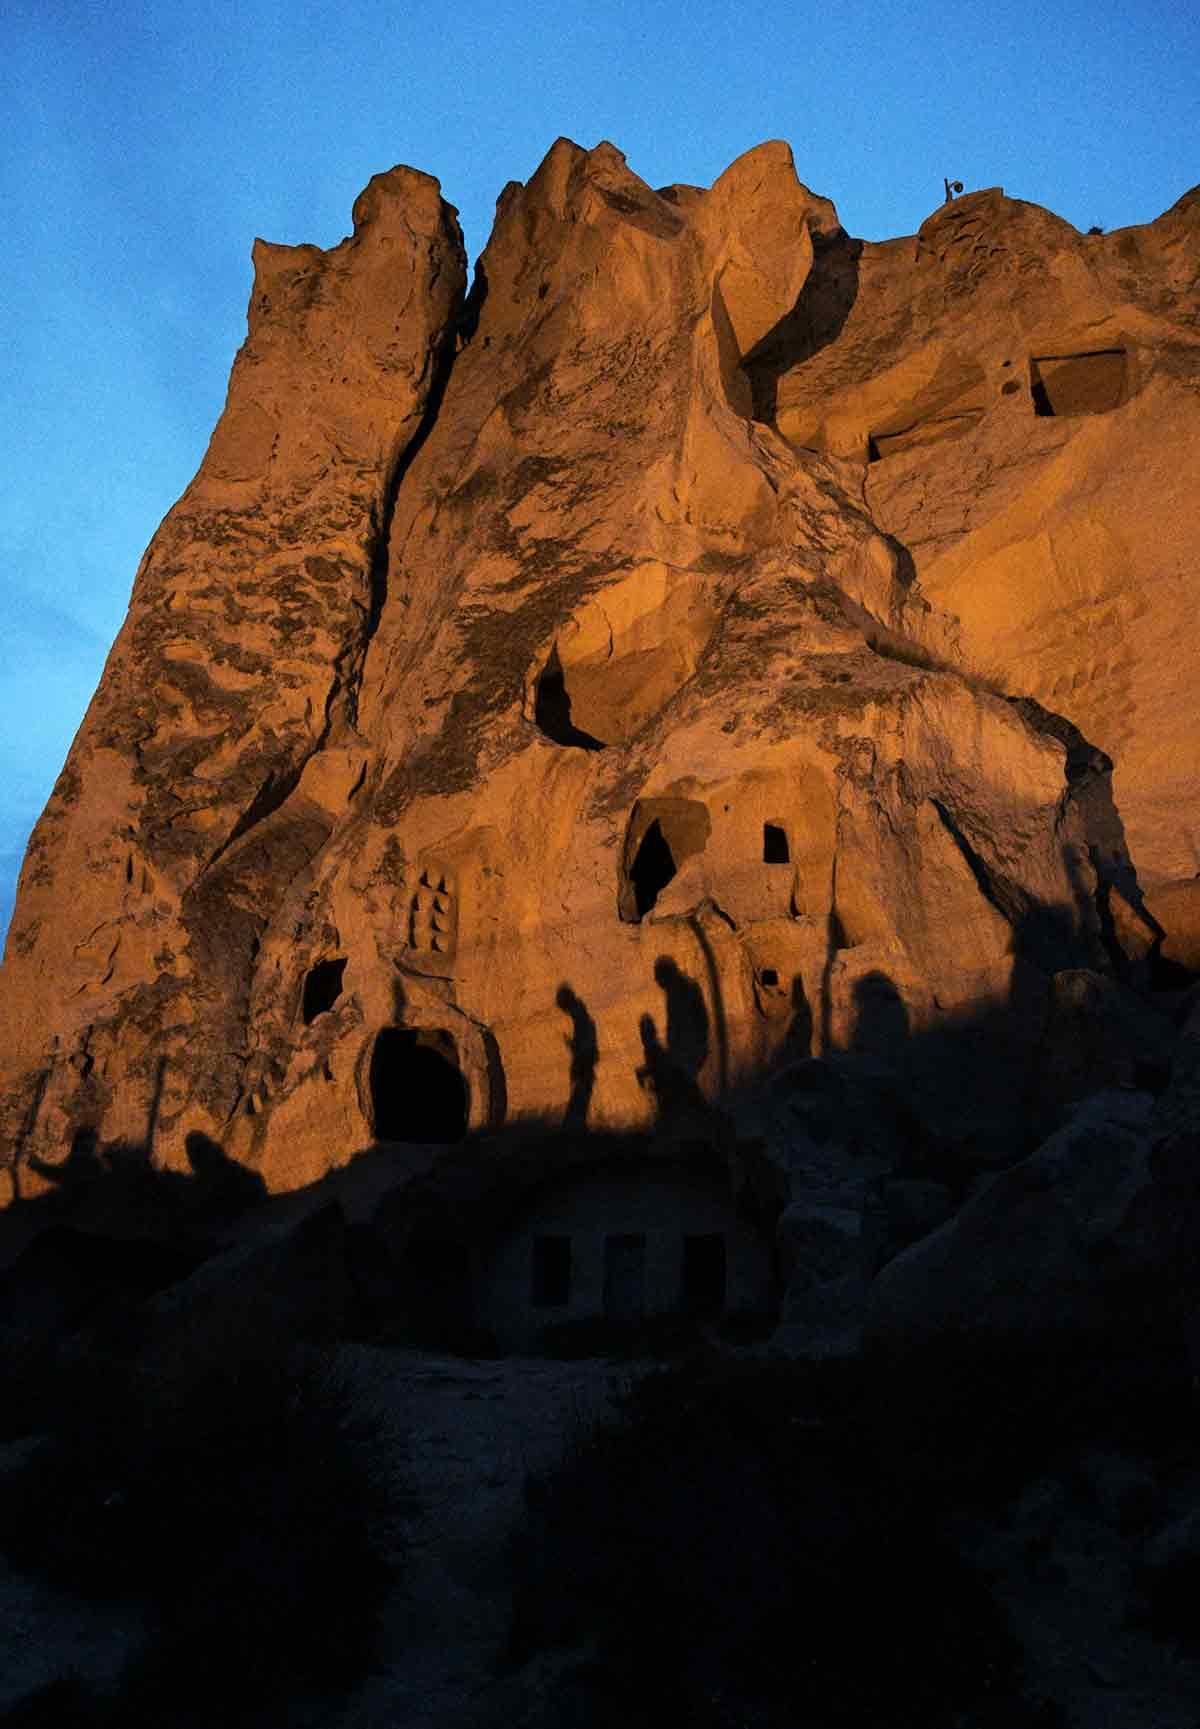 il castello di uchisar